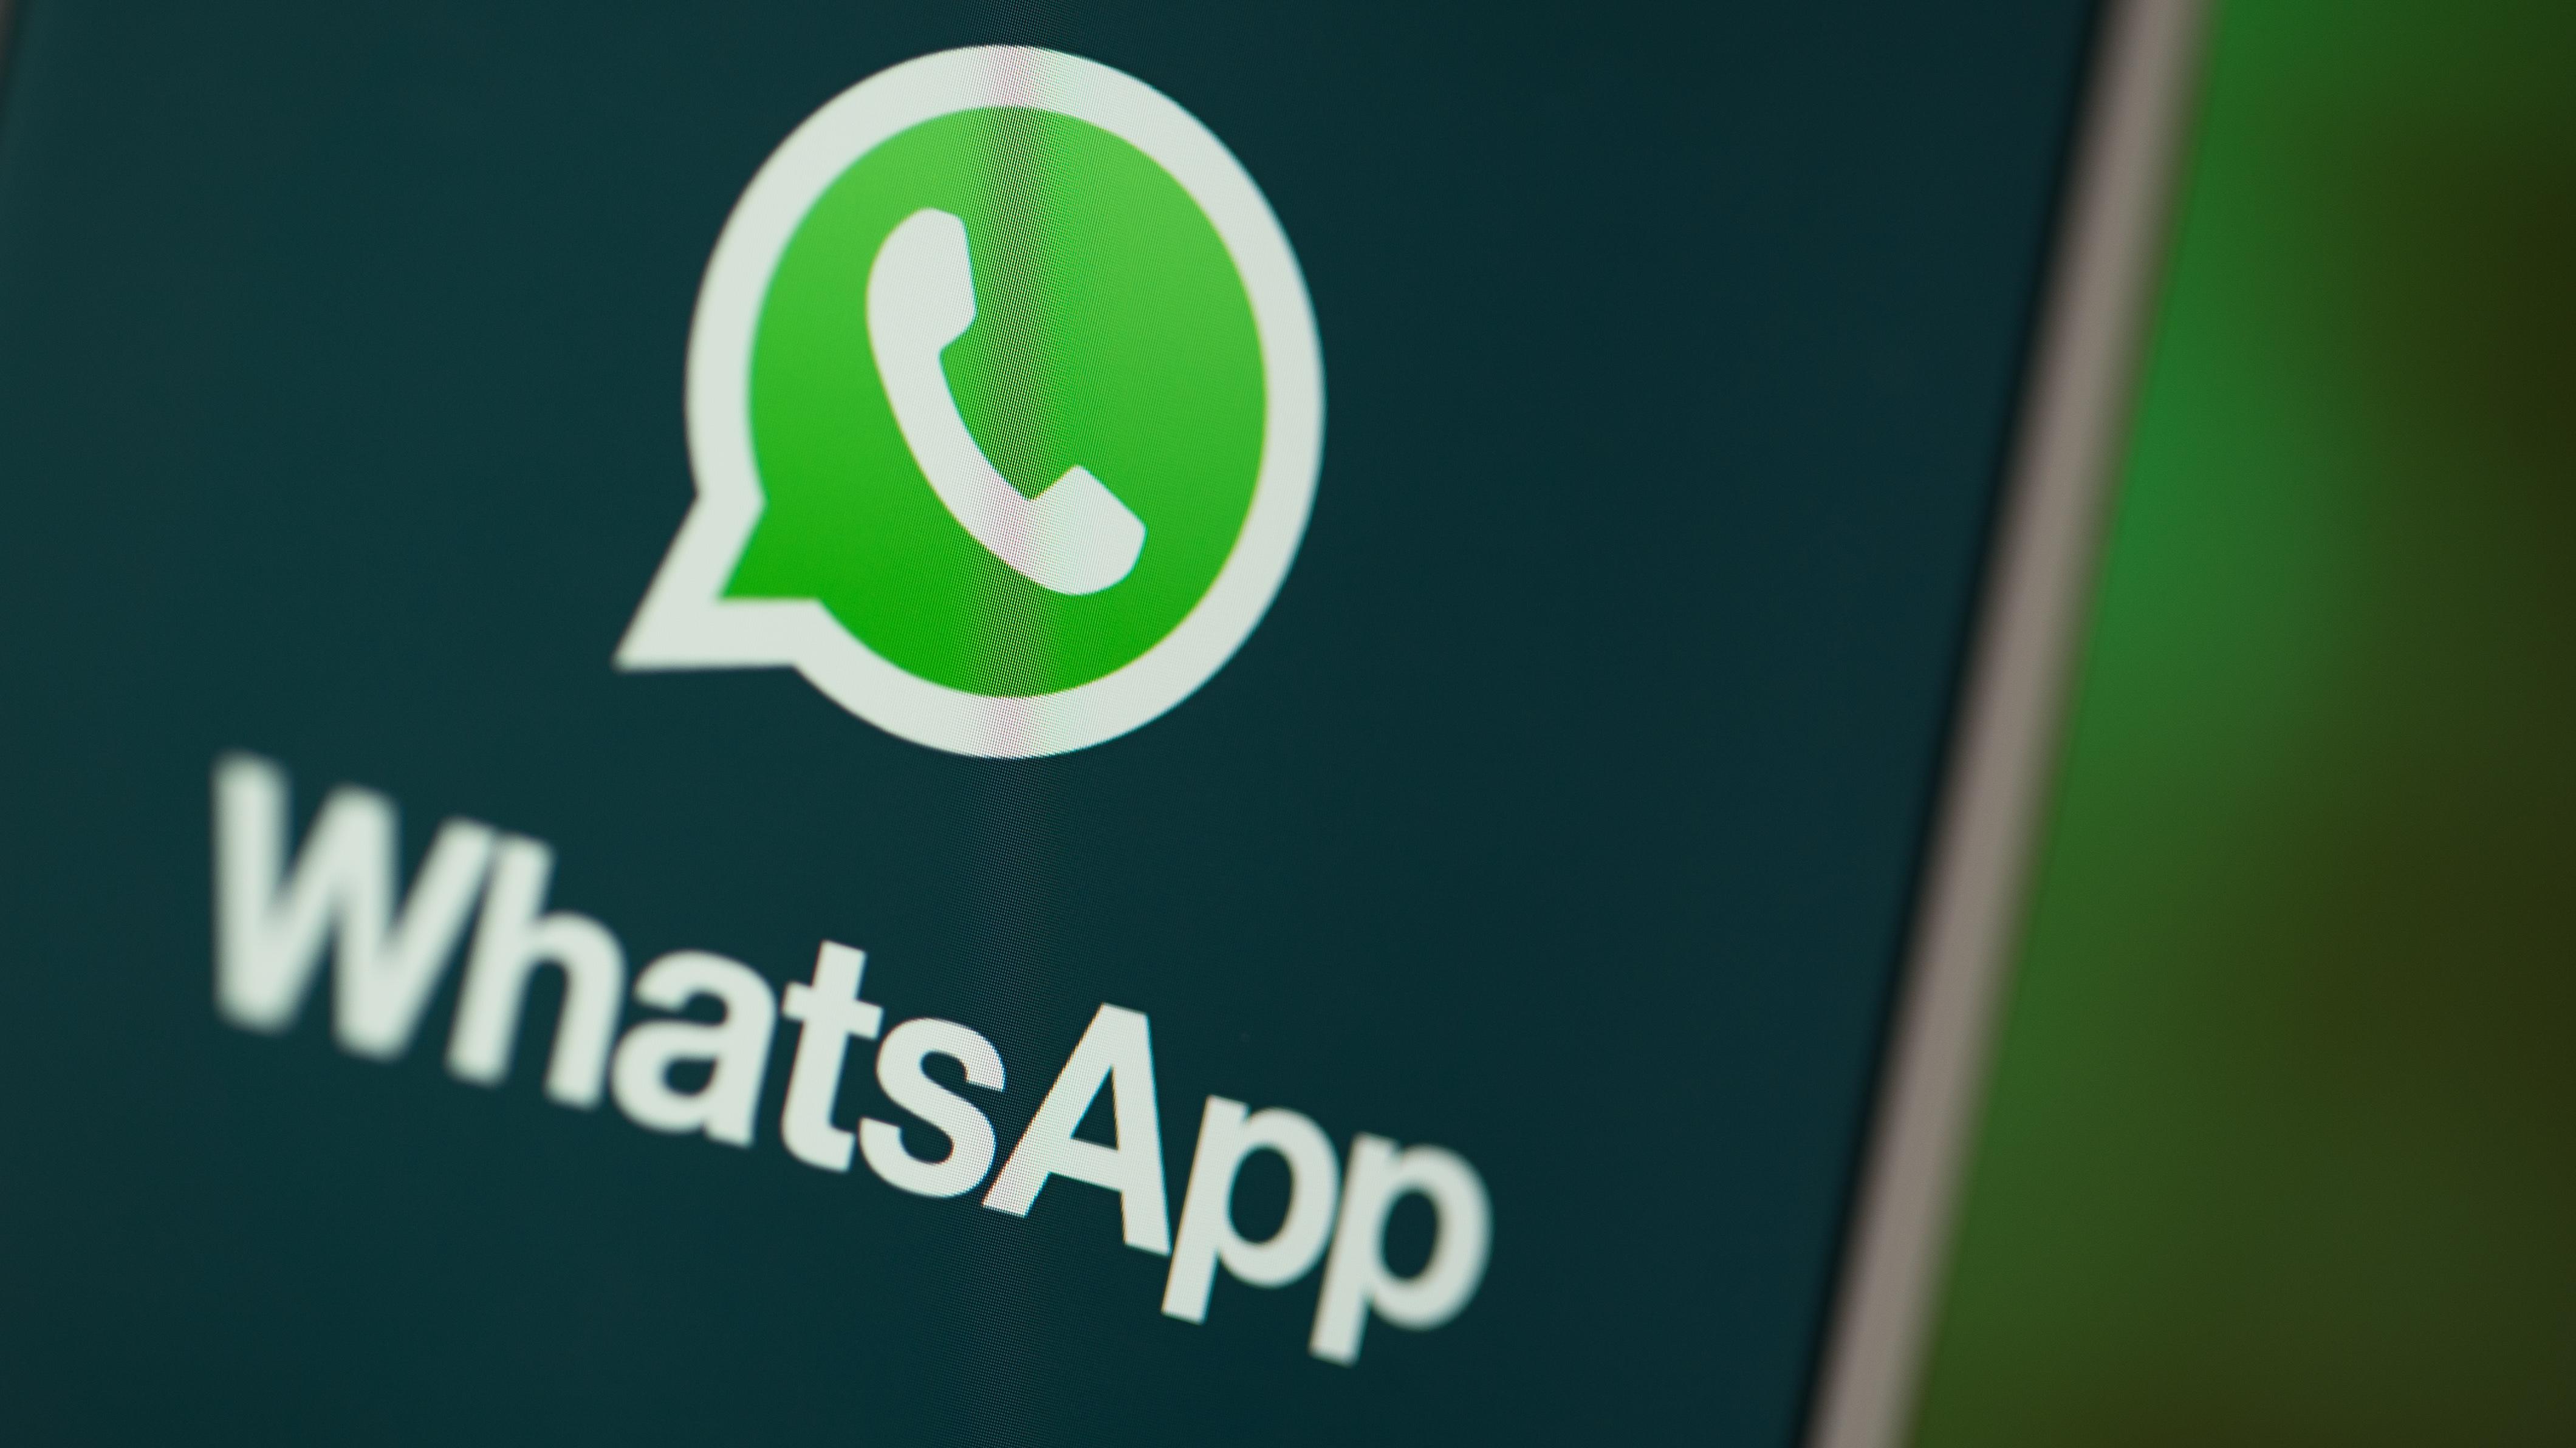 Verstoß gegen Patentrecht: Apps von Facebook, WhatsApp und Co. sind illegal!